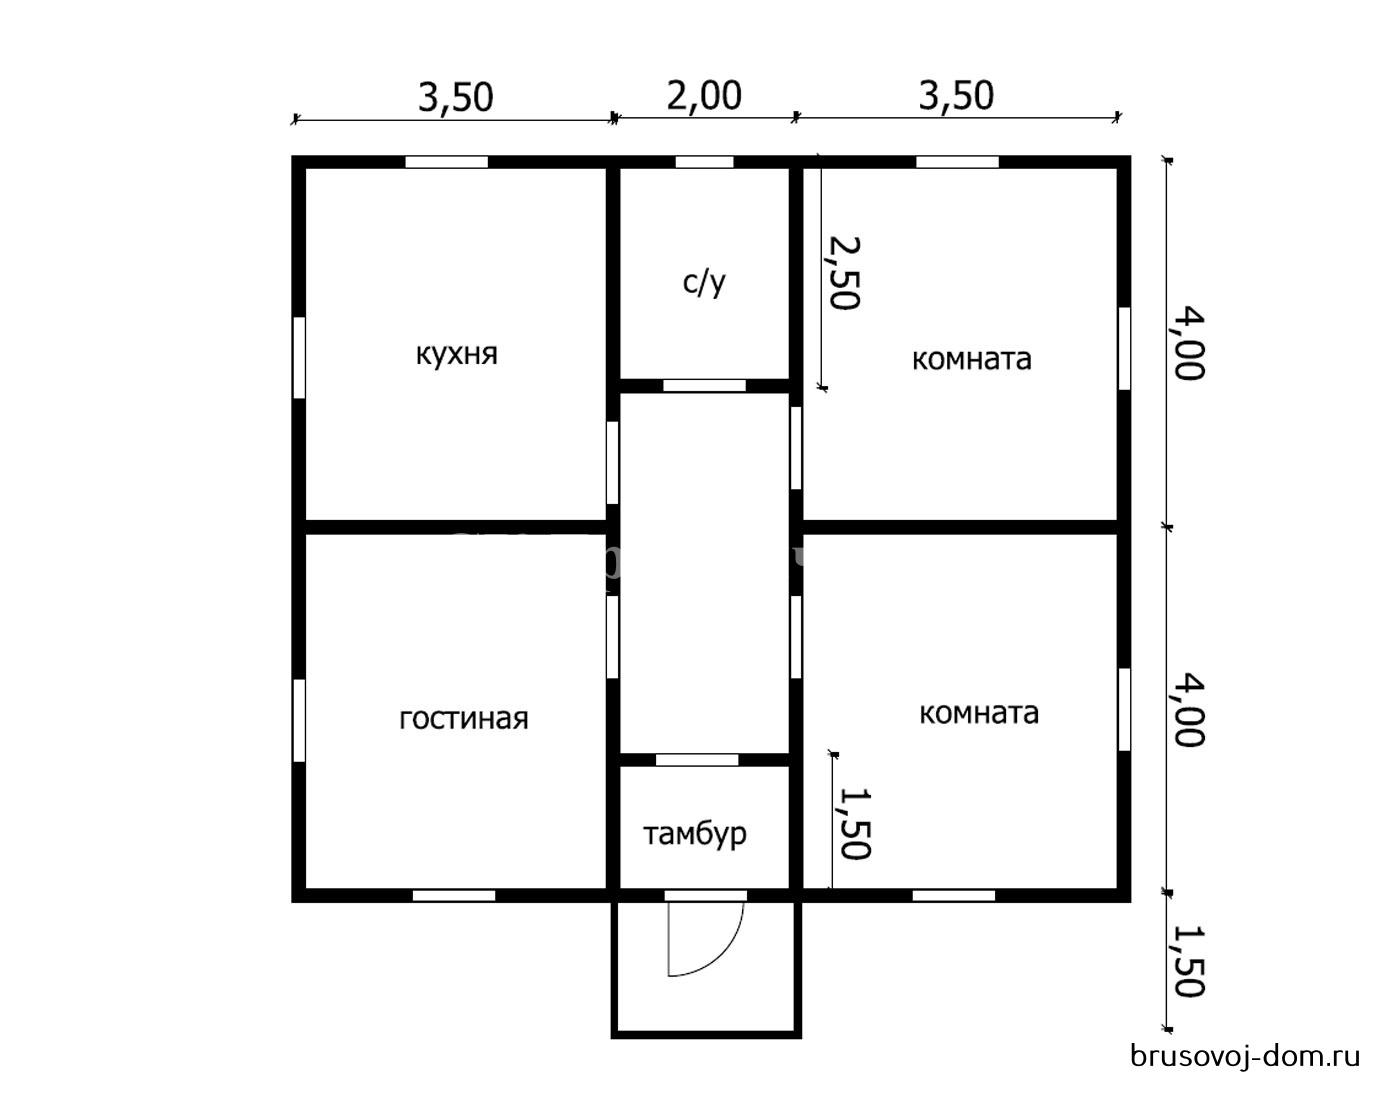 Одноэтажный дом под  усадку 8х9 м Ладога